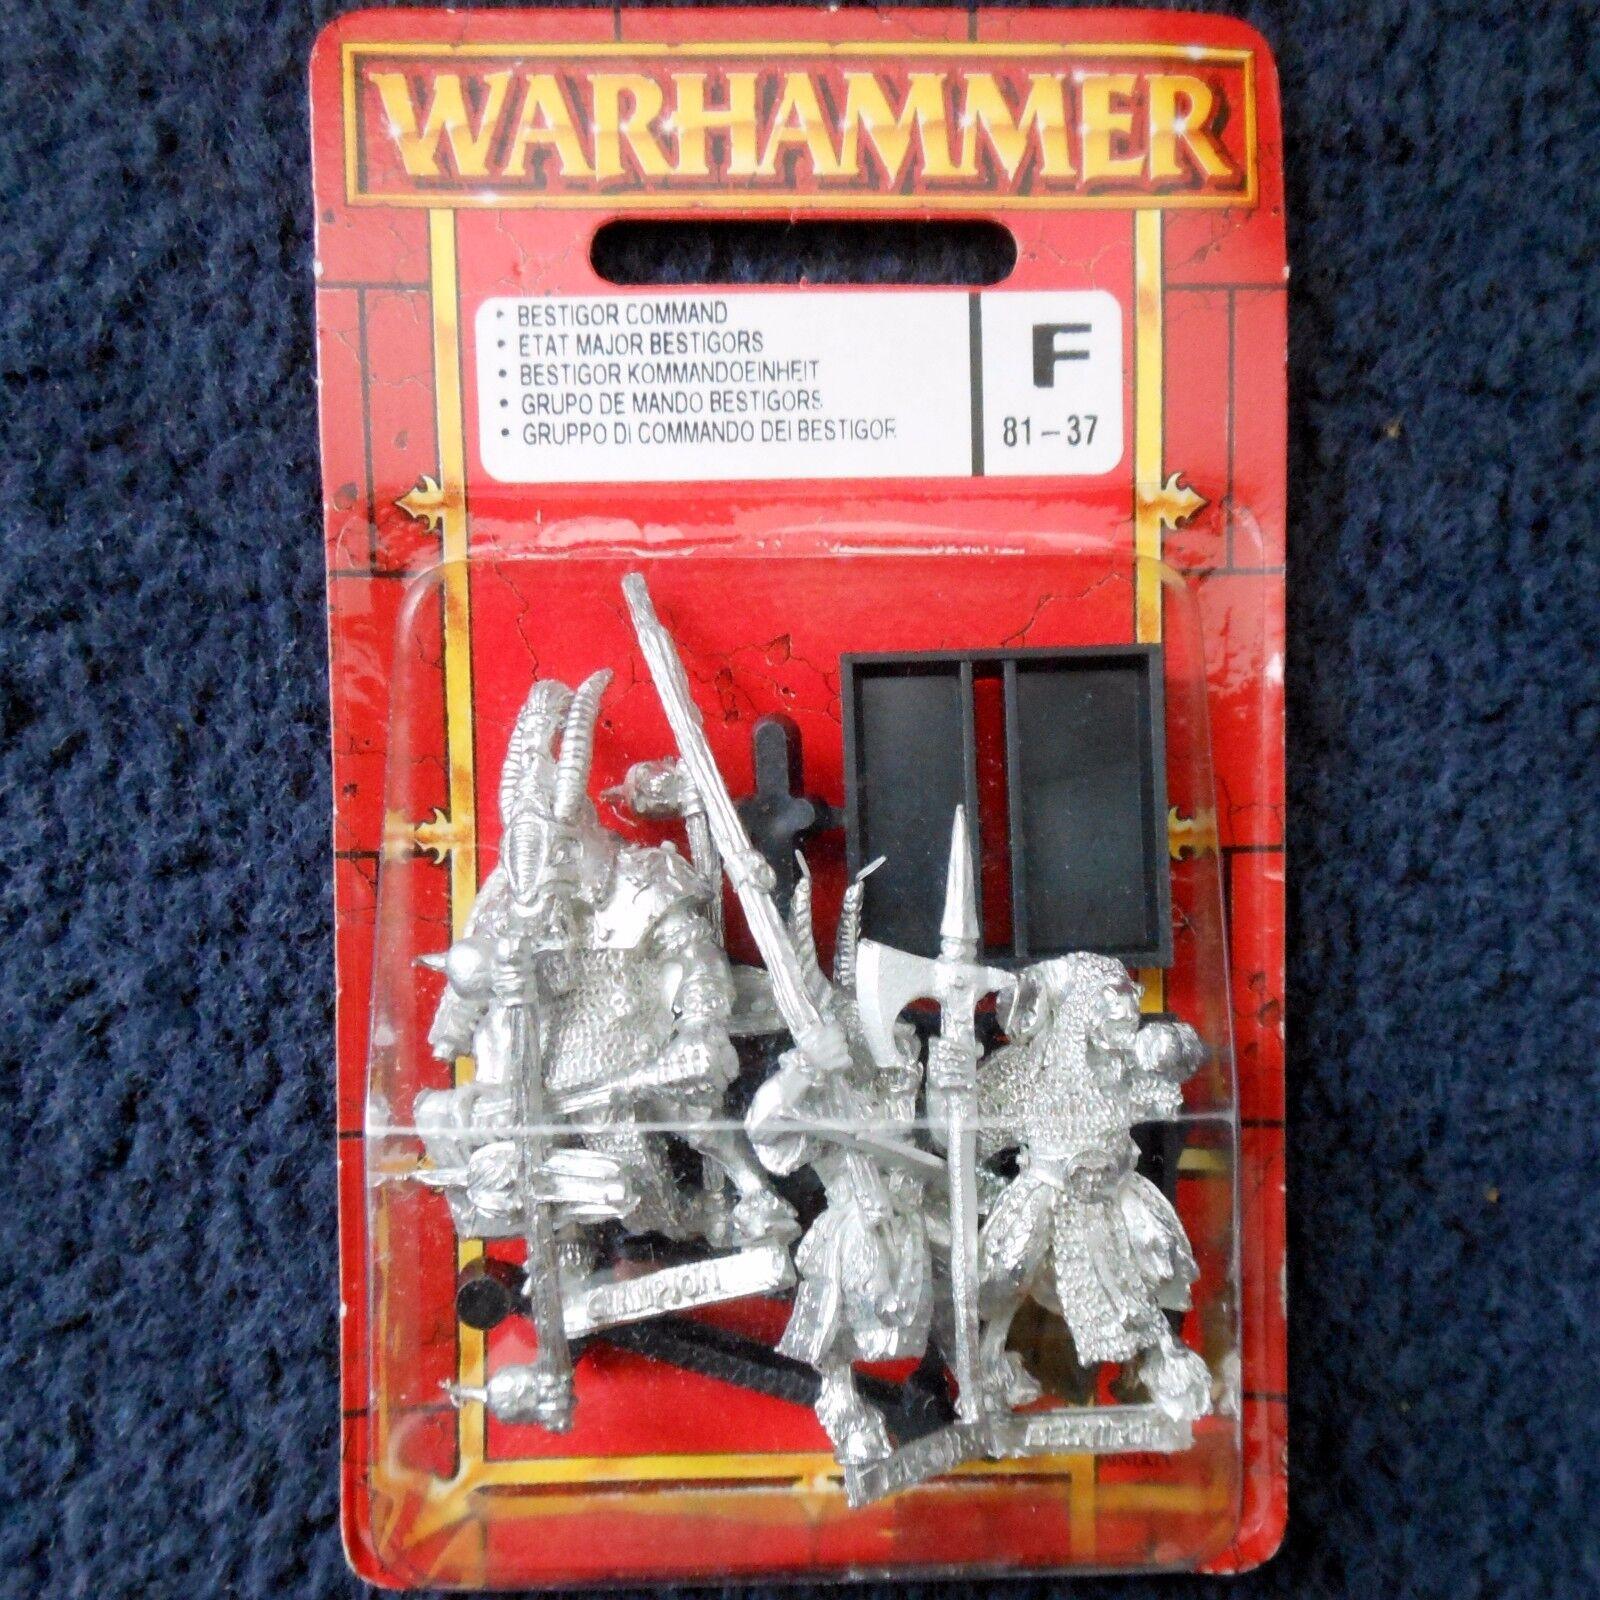 1997 Chaos Bestigor Command Musician Standard Citadel Warhammer Beastmen MIB GW